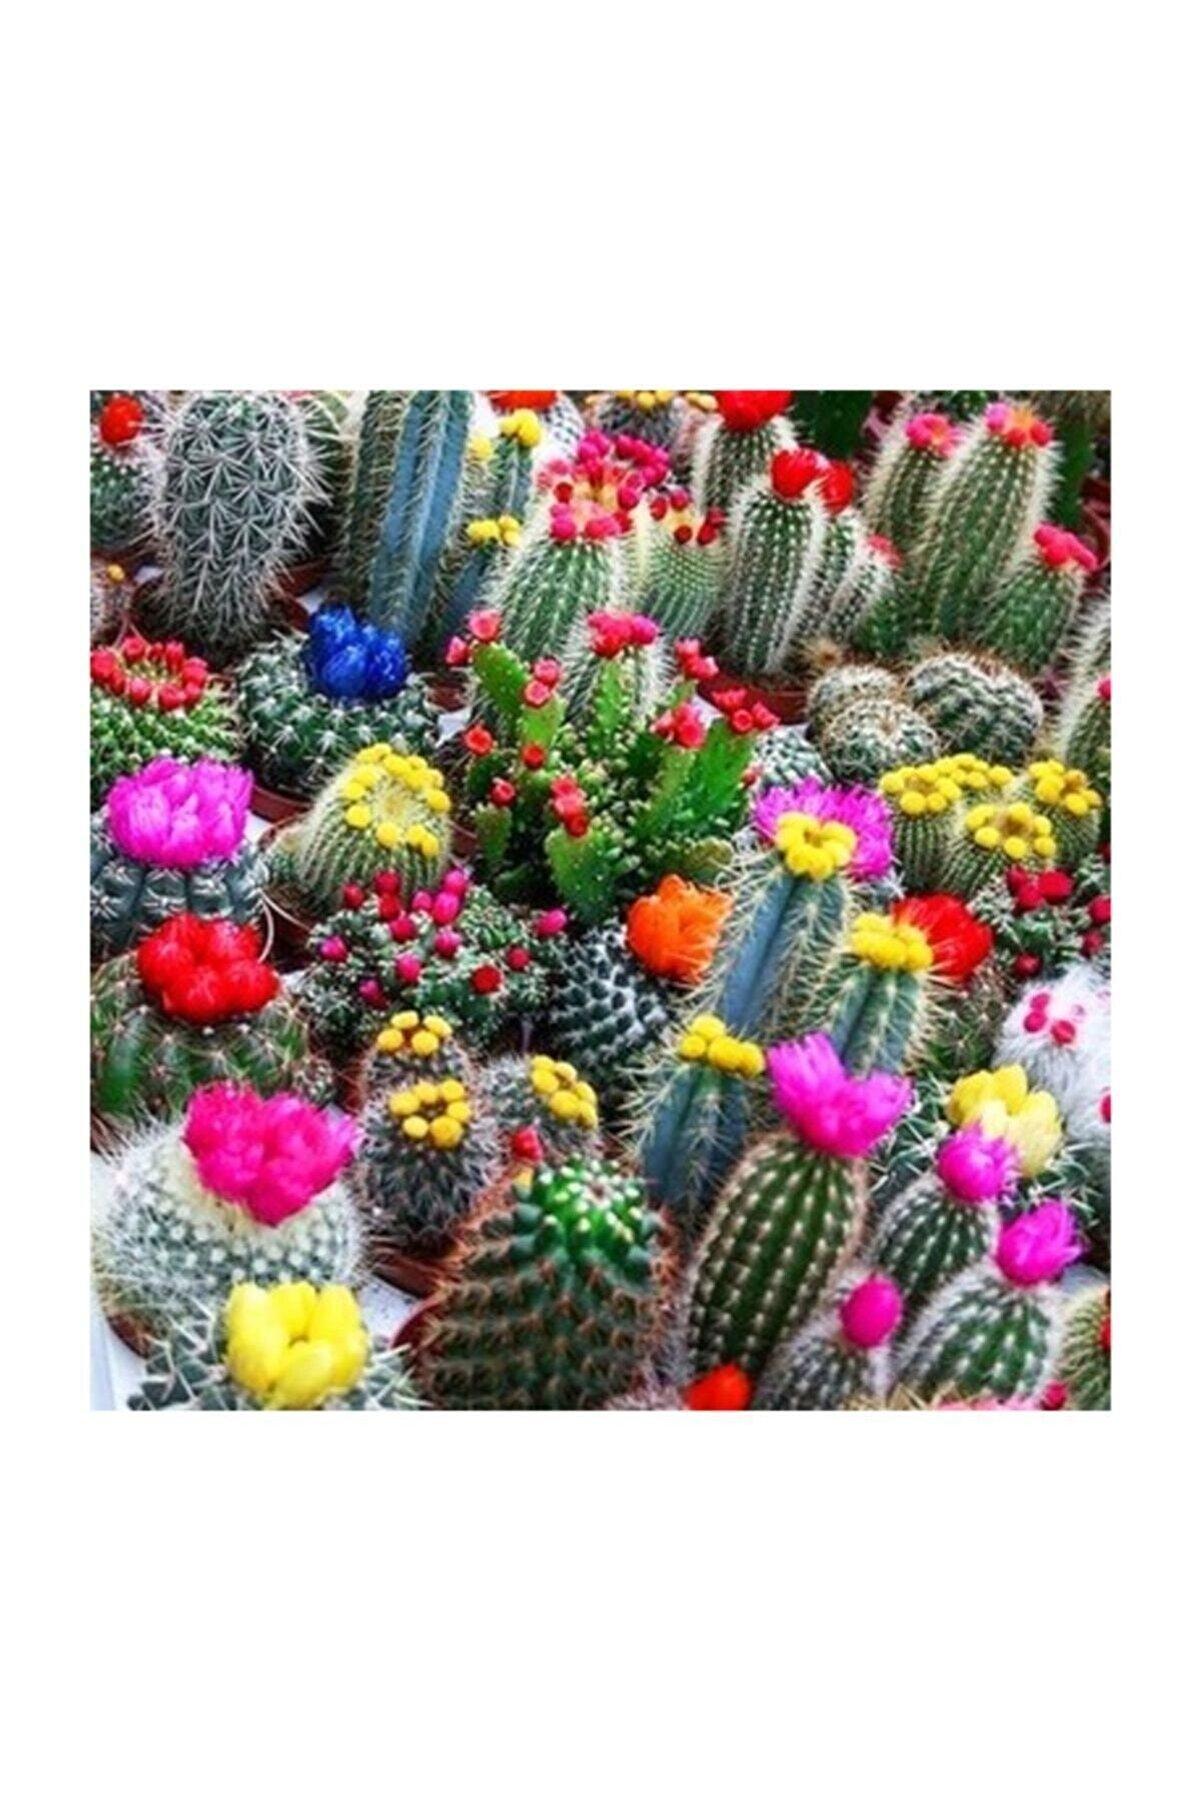 Bursa Tohumculuk 20 Adet Karışık Renkli Kaktüs Çiçeği Tohumu+gelişimini Hızlandıran Özel Gübre